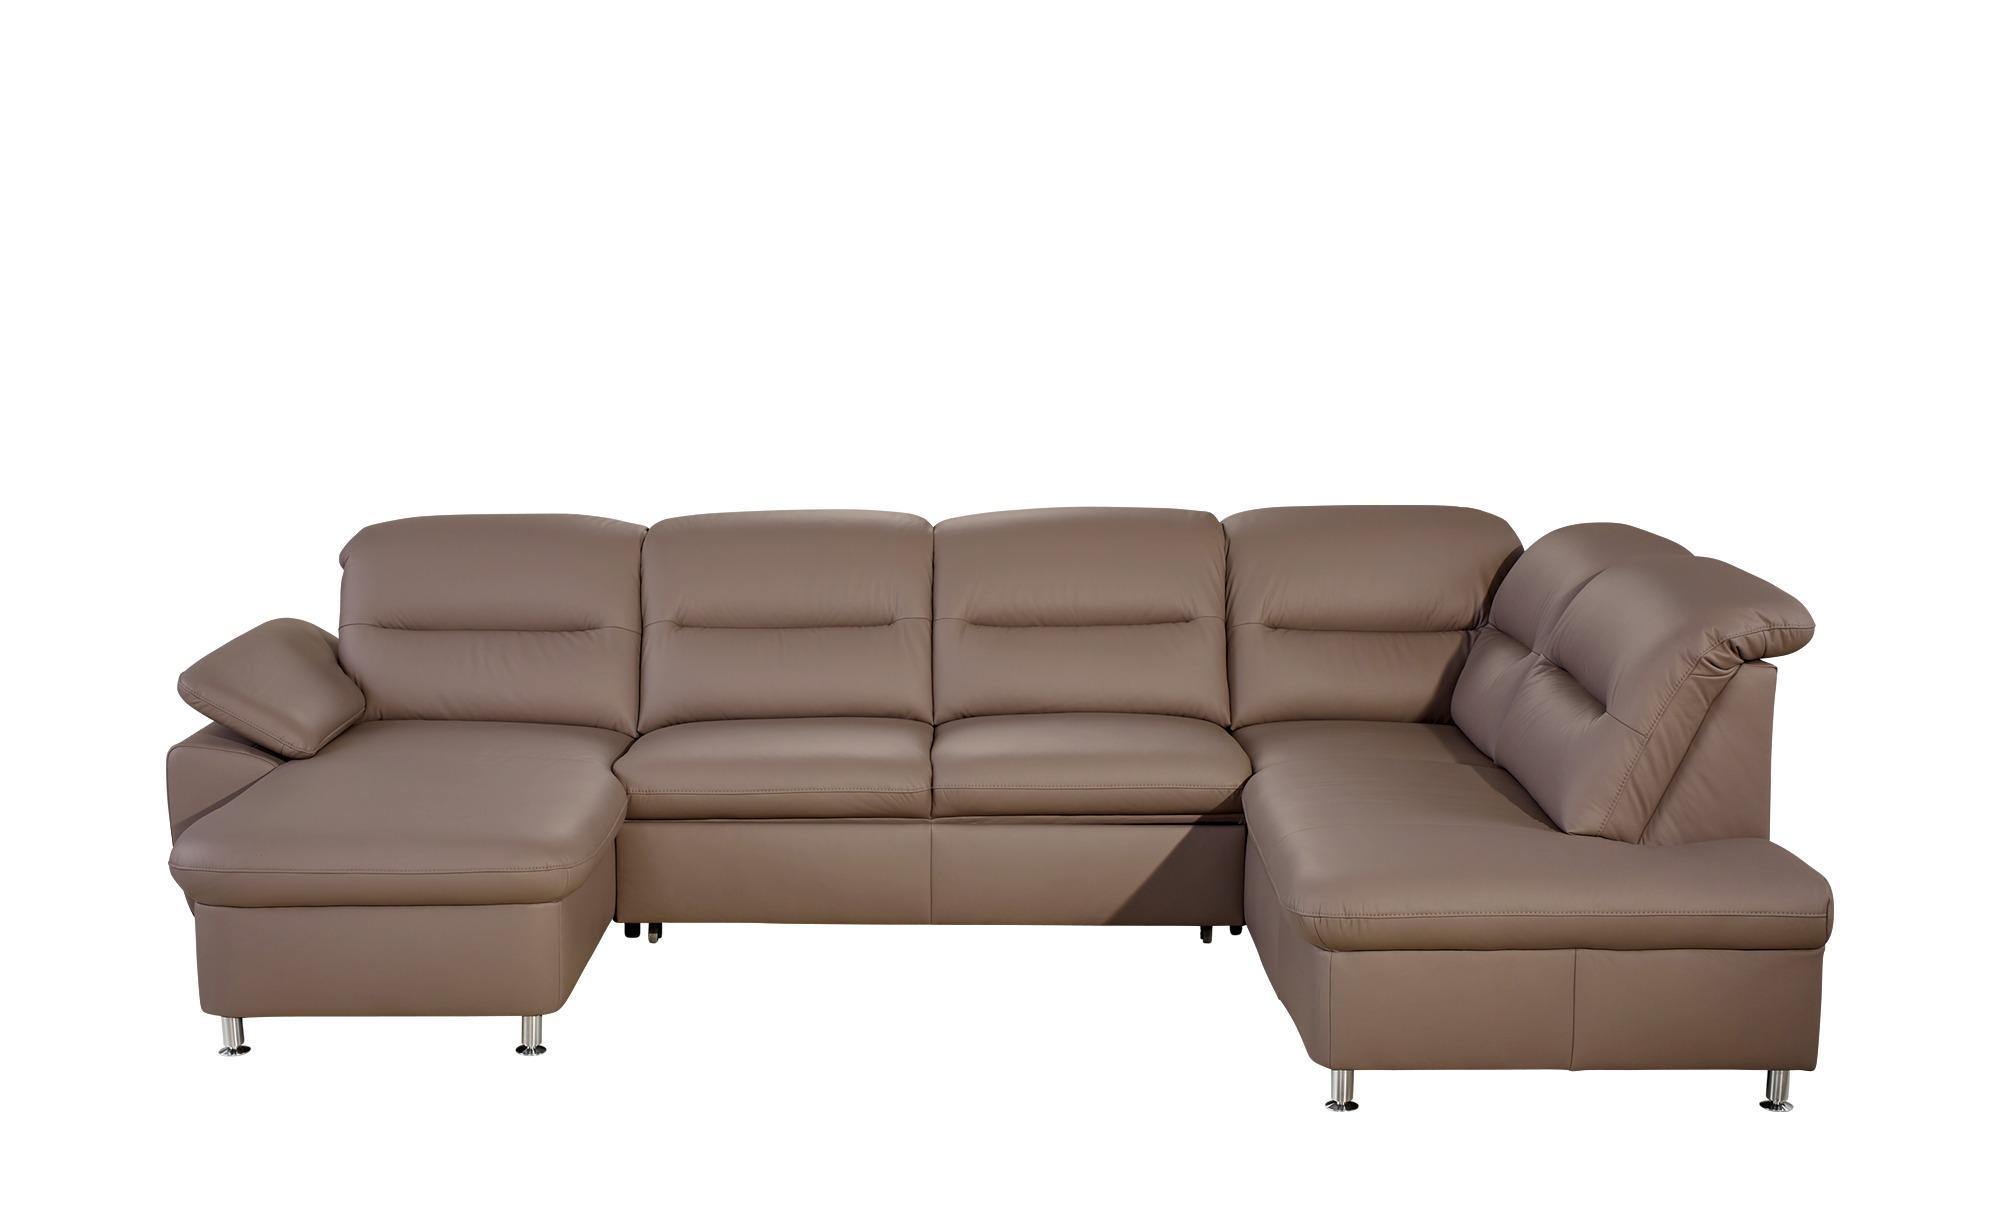 meinsofa wohnlandschaft aus leder maike breite h he braun online kaufen bei woonio. Black Bedroom Furniture Sets. Home Design Ideas